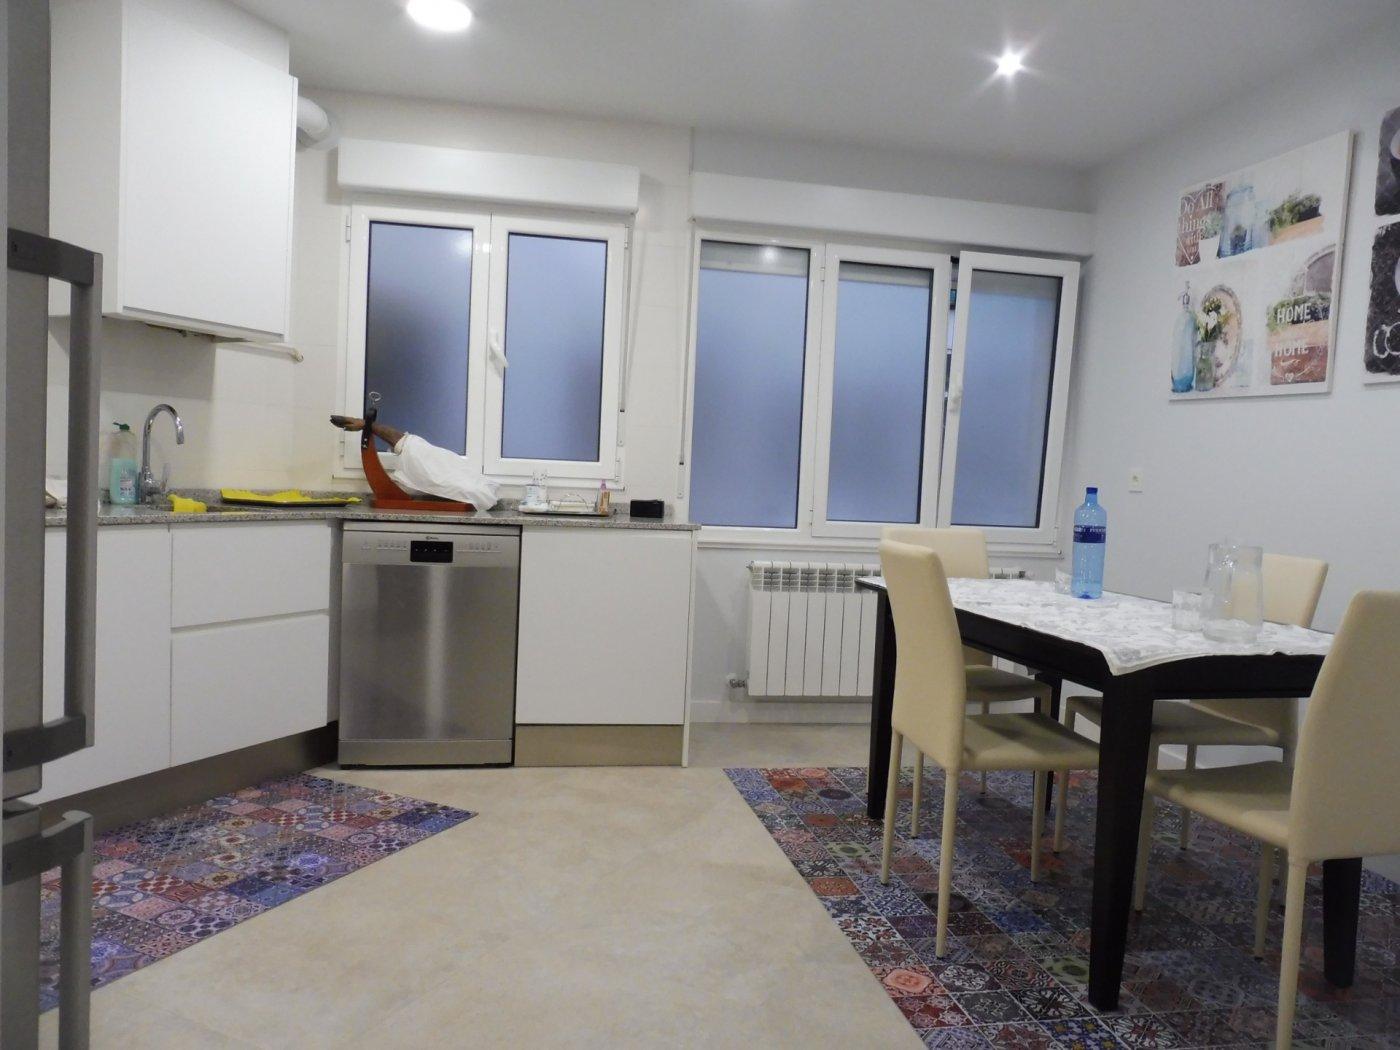 Estupendo piso en el centro - imagenInmueble4